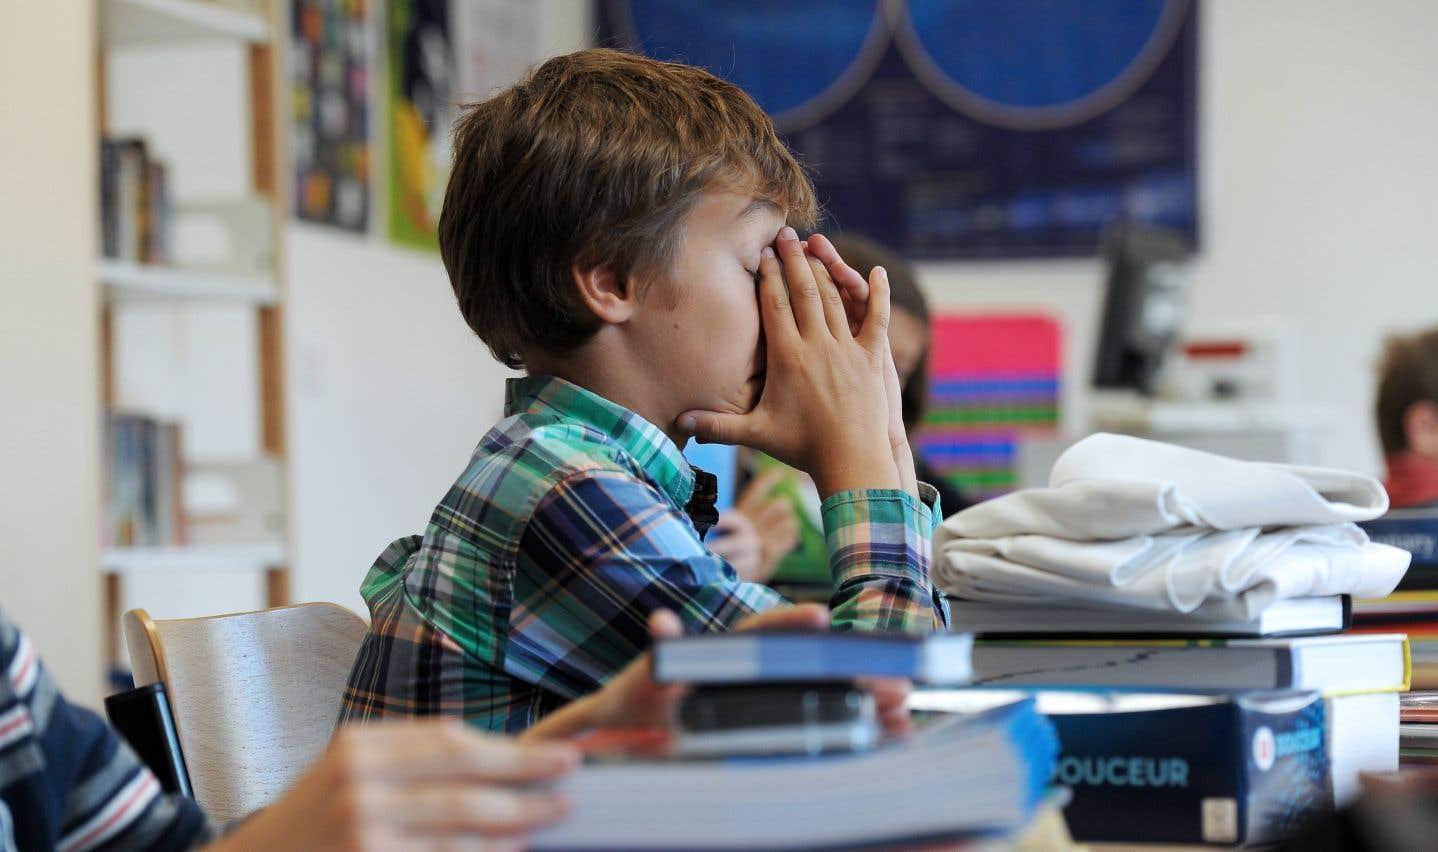 La dyslexie toucherait quelque 700millions de personnes dans le monde.